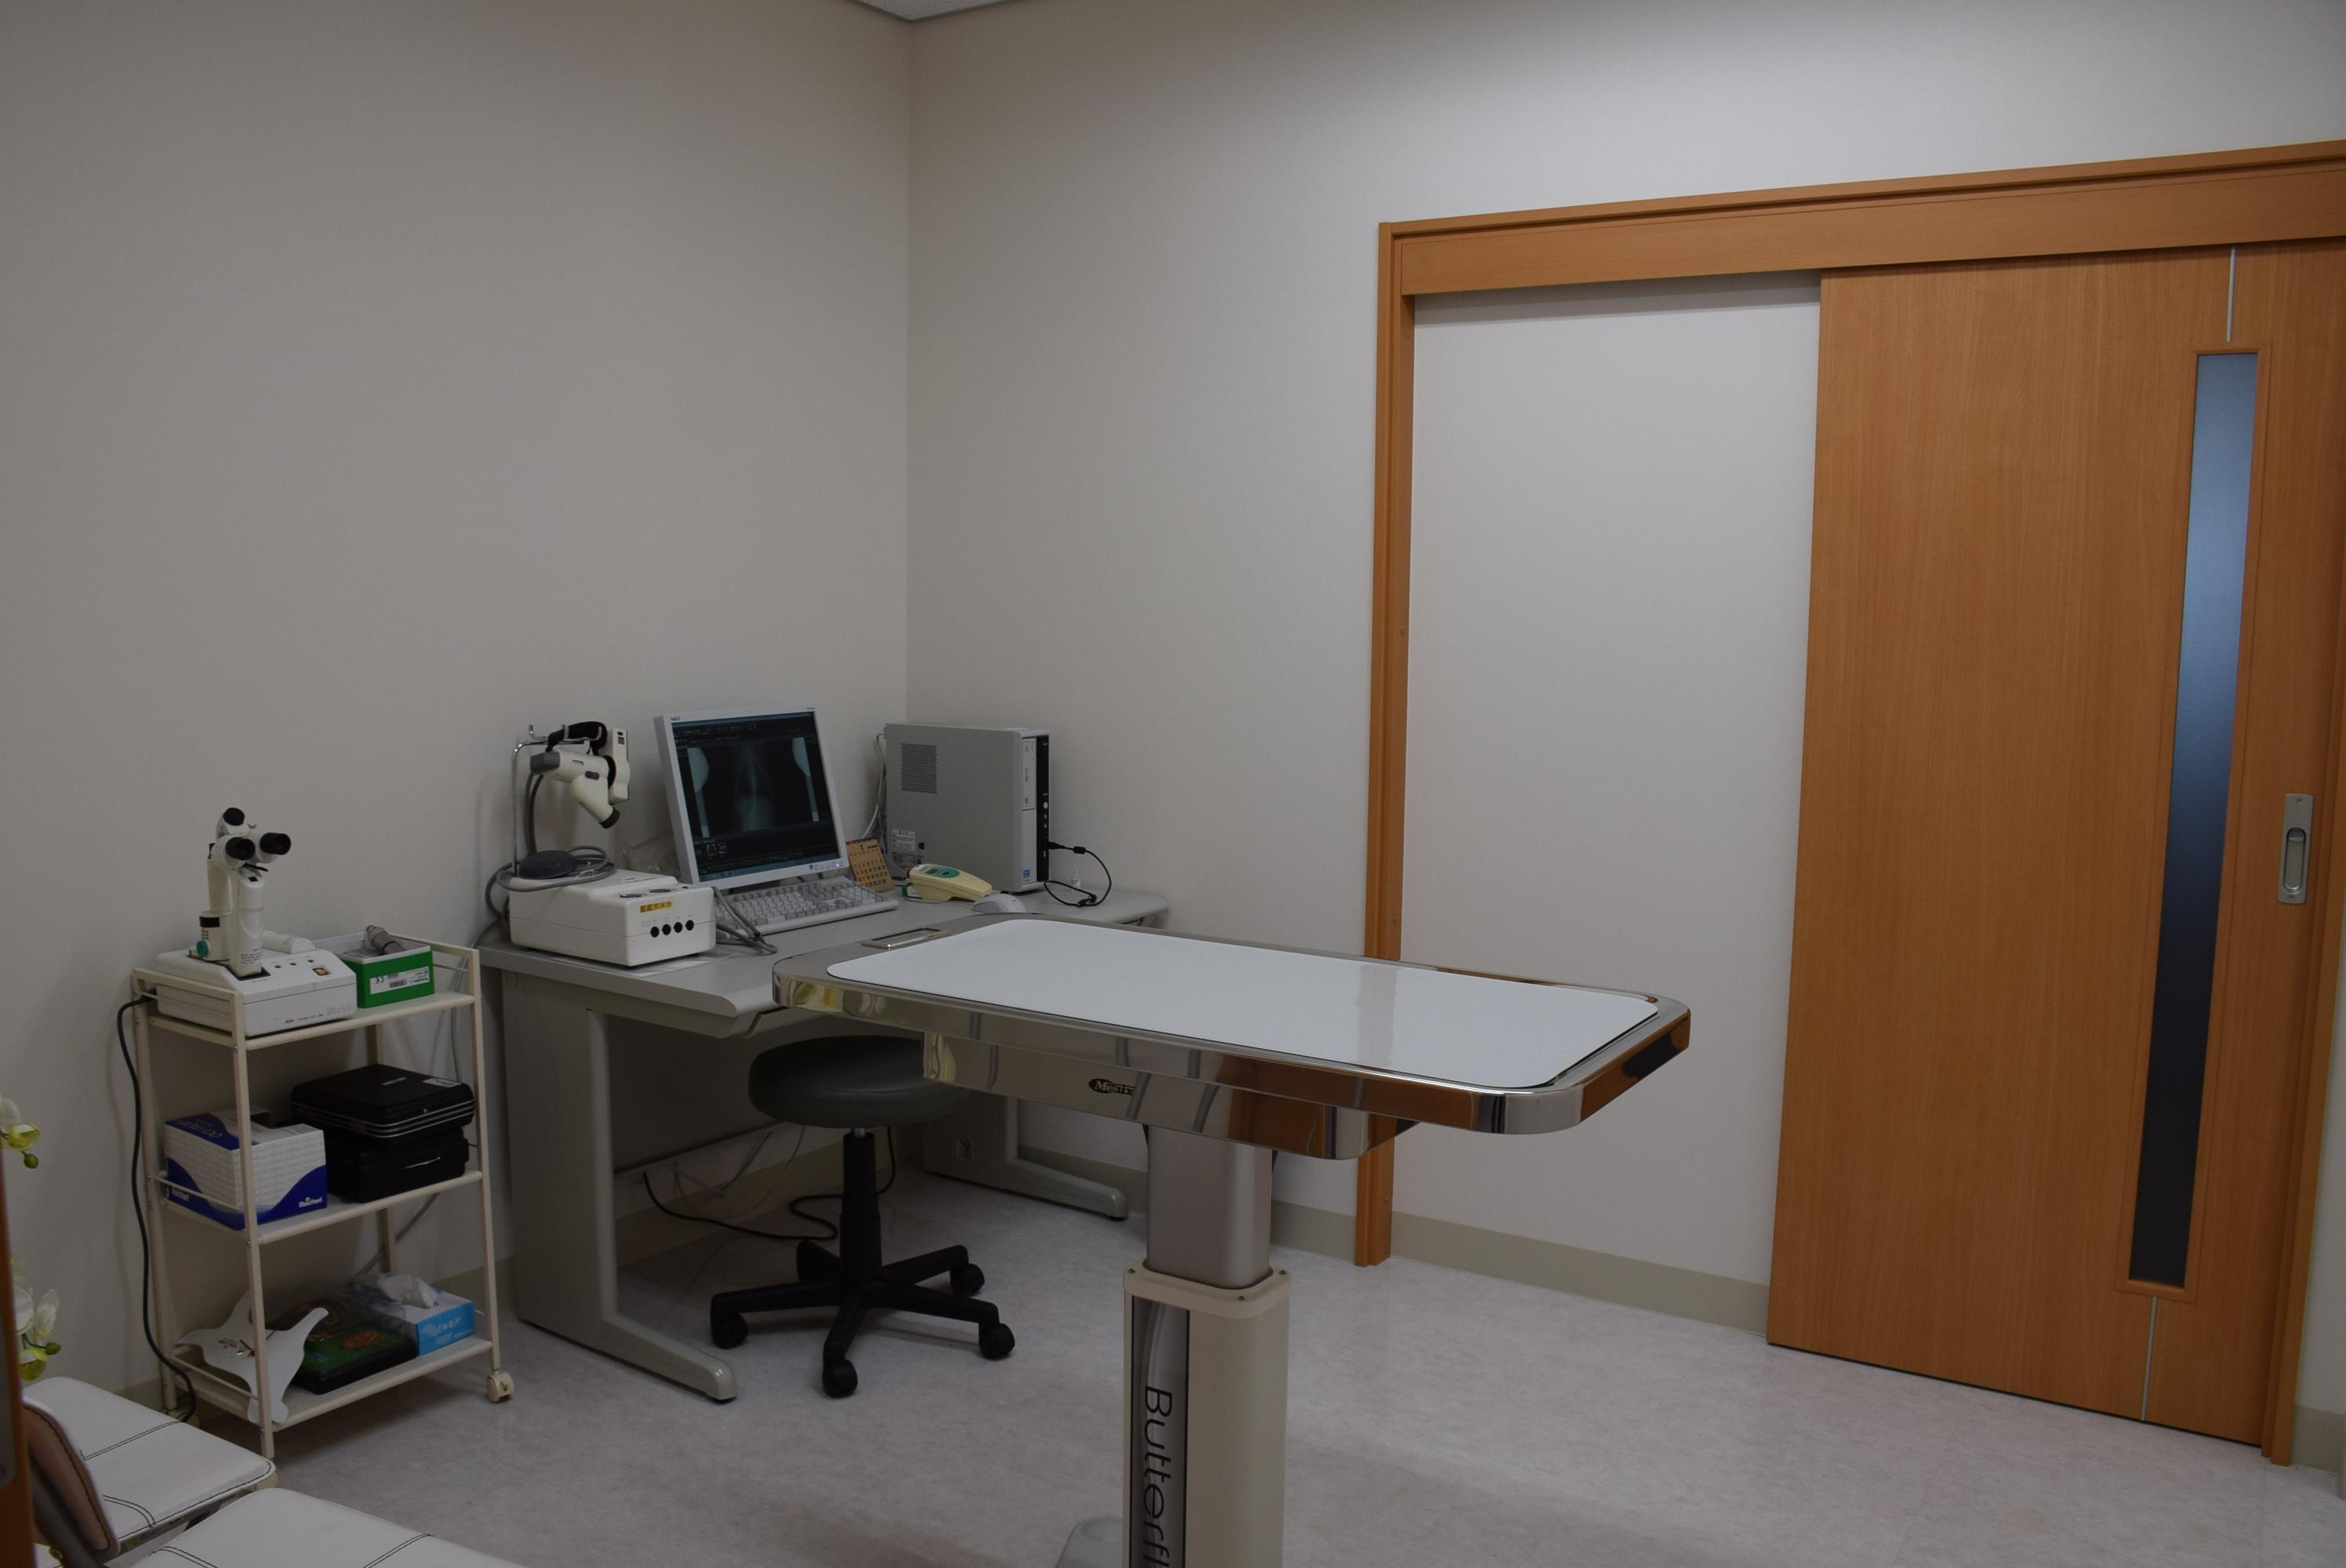 各診察室は広く、すべての部屋でレントゲン画像、CT画像、MRI画像が閲覧出来ます。